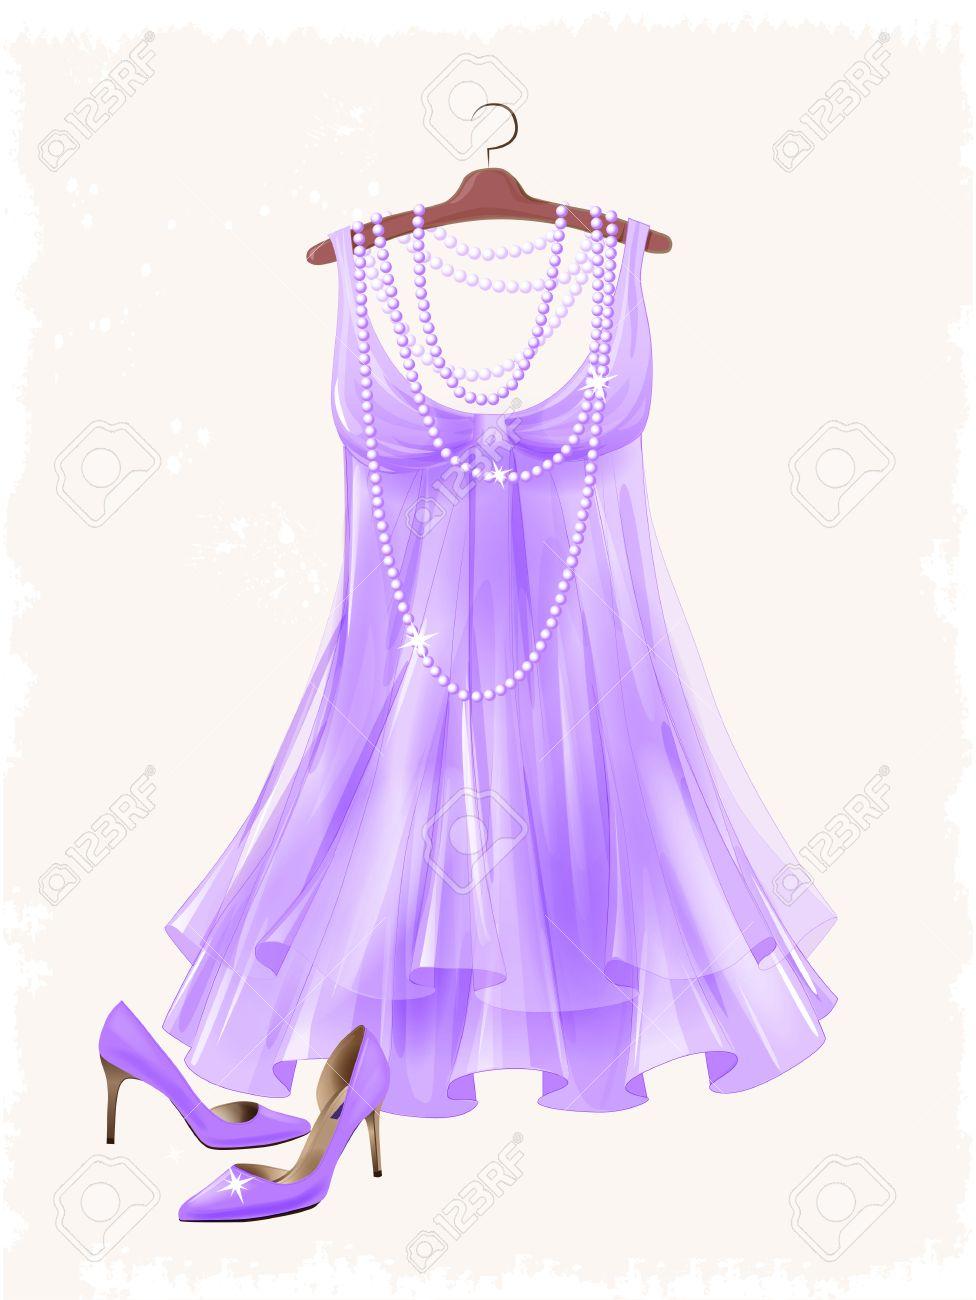 De Vestimenta Los Vestido Y Alto Calzado Vendimia Color La Festivas Accesorios Lila Fiesta Zapatos Tacón Mujer Seda Vestir Para T1n01wdq